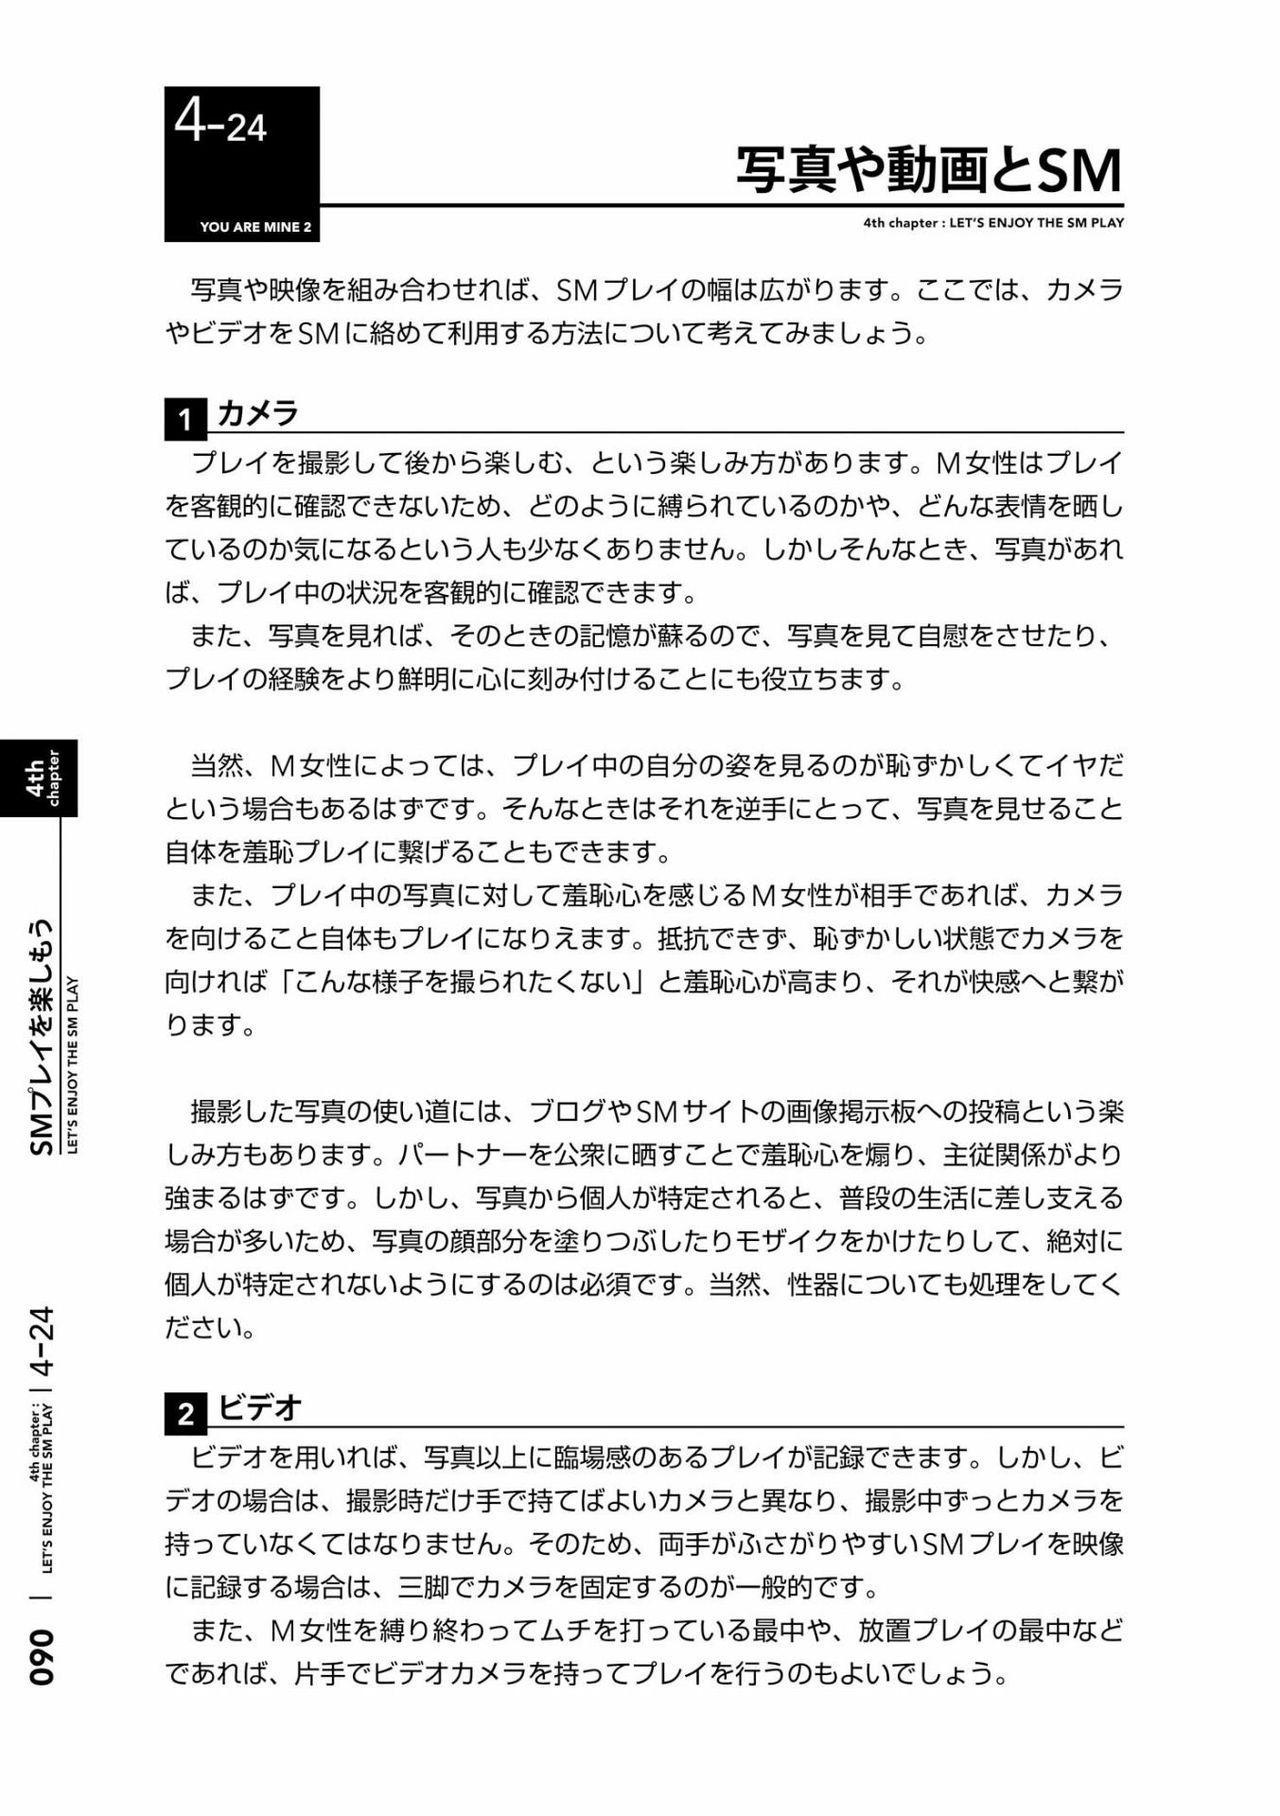 [Mitsuba] Karada mo Kokoro mo Boku no Mono ~Hajimete no SM Guide~ 2 [Digital] 92